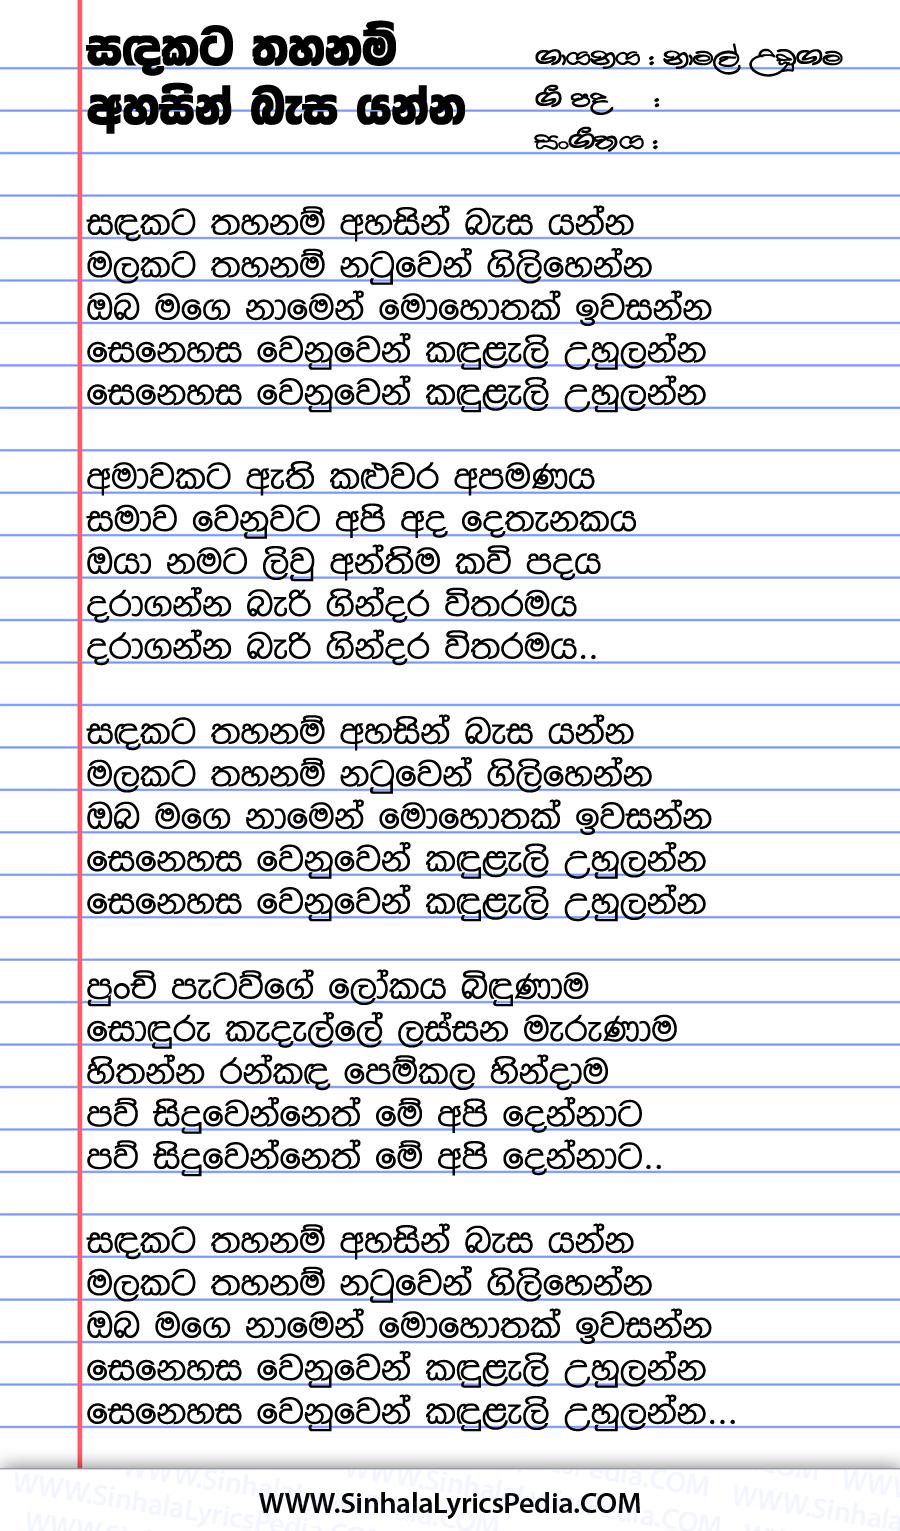 Sandakata Thahanam Ahasin Basa Yanna Song Lyrics